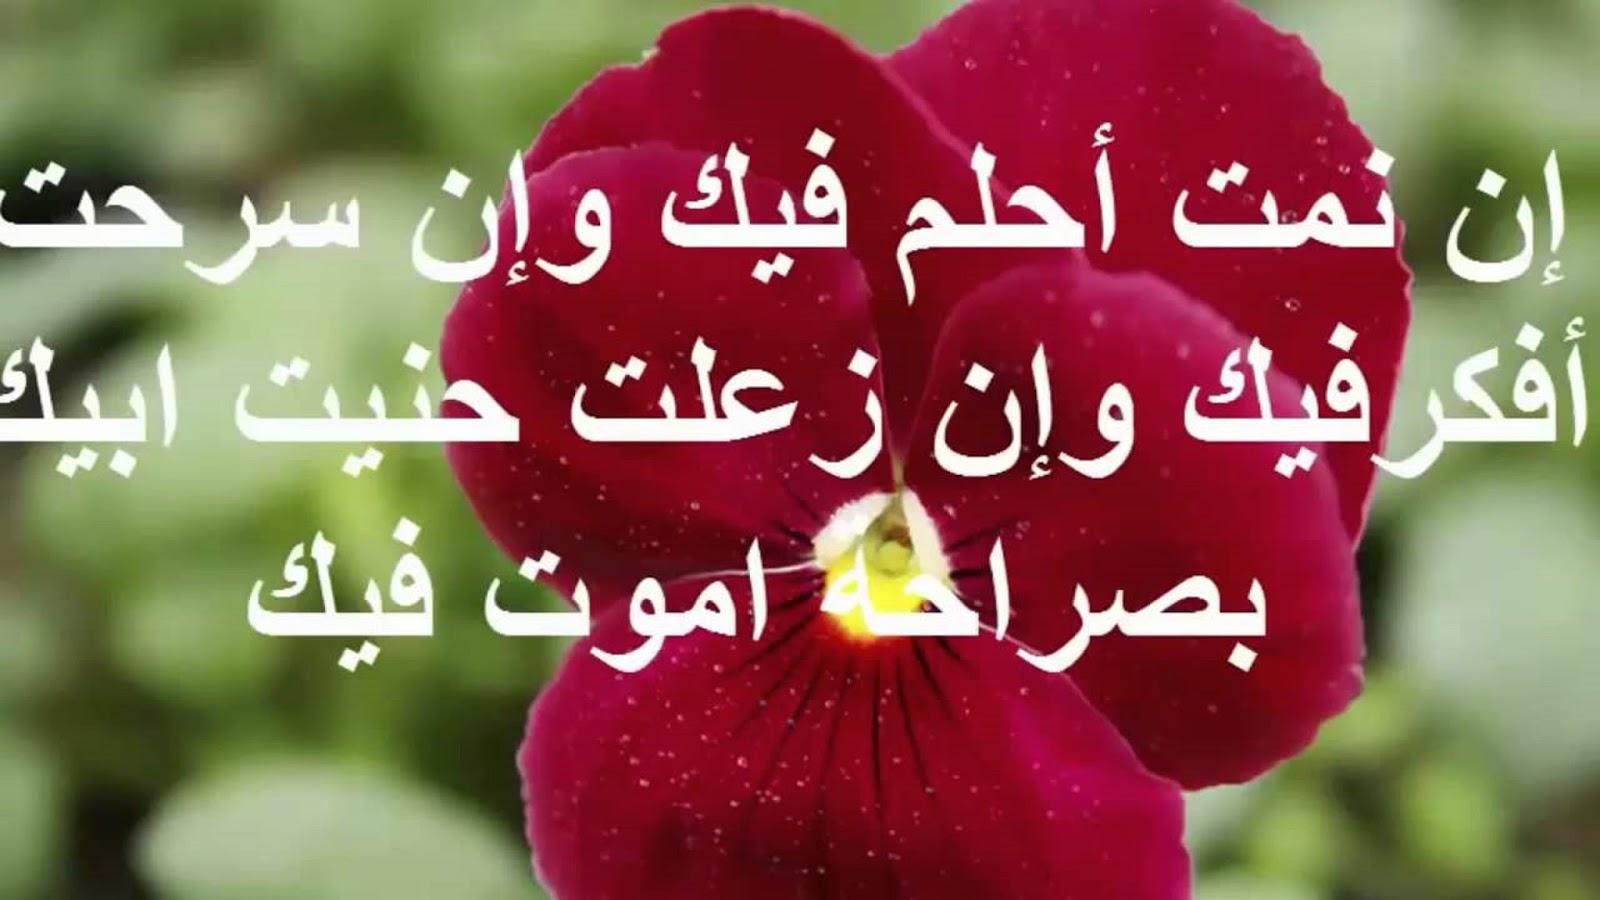 بالصور رسائل غرام , صور لرسائل غرام 3774 11